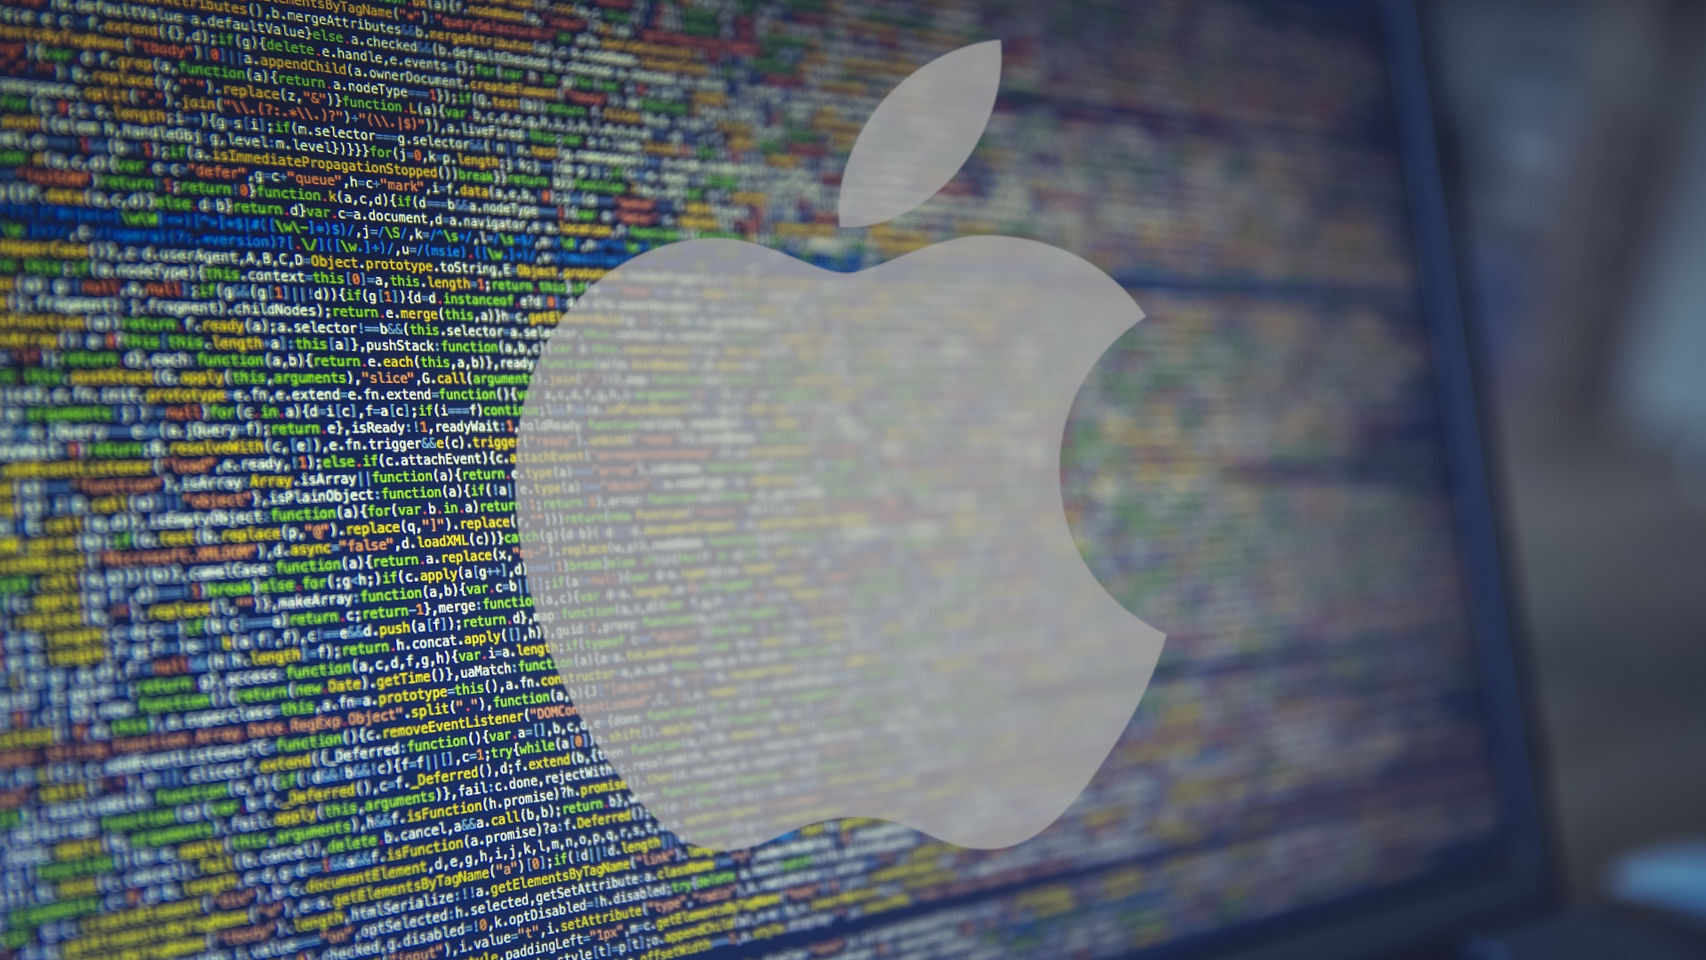 El código fuente de Apple tiene un error básico